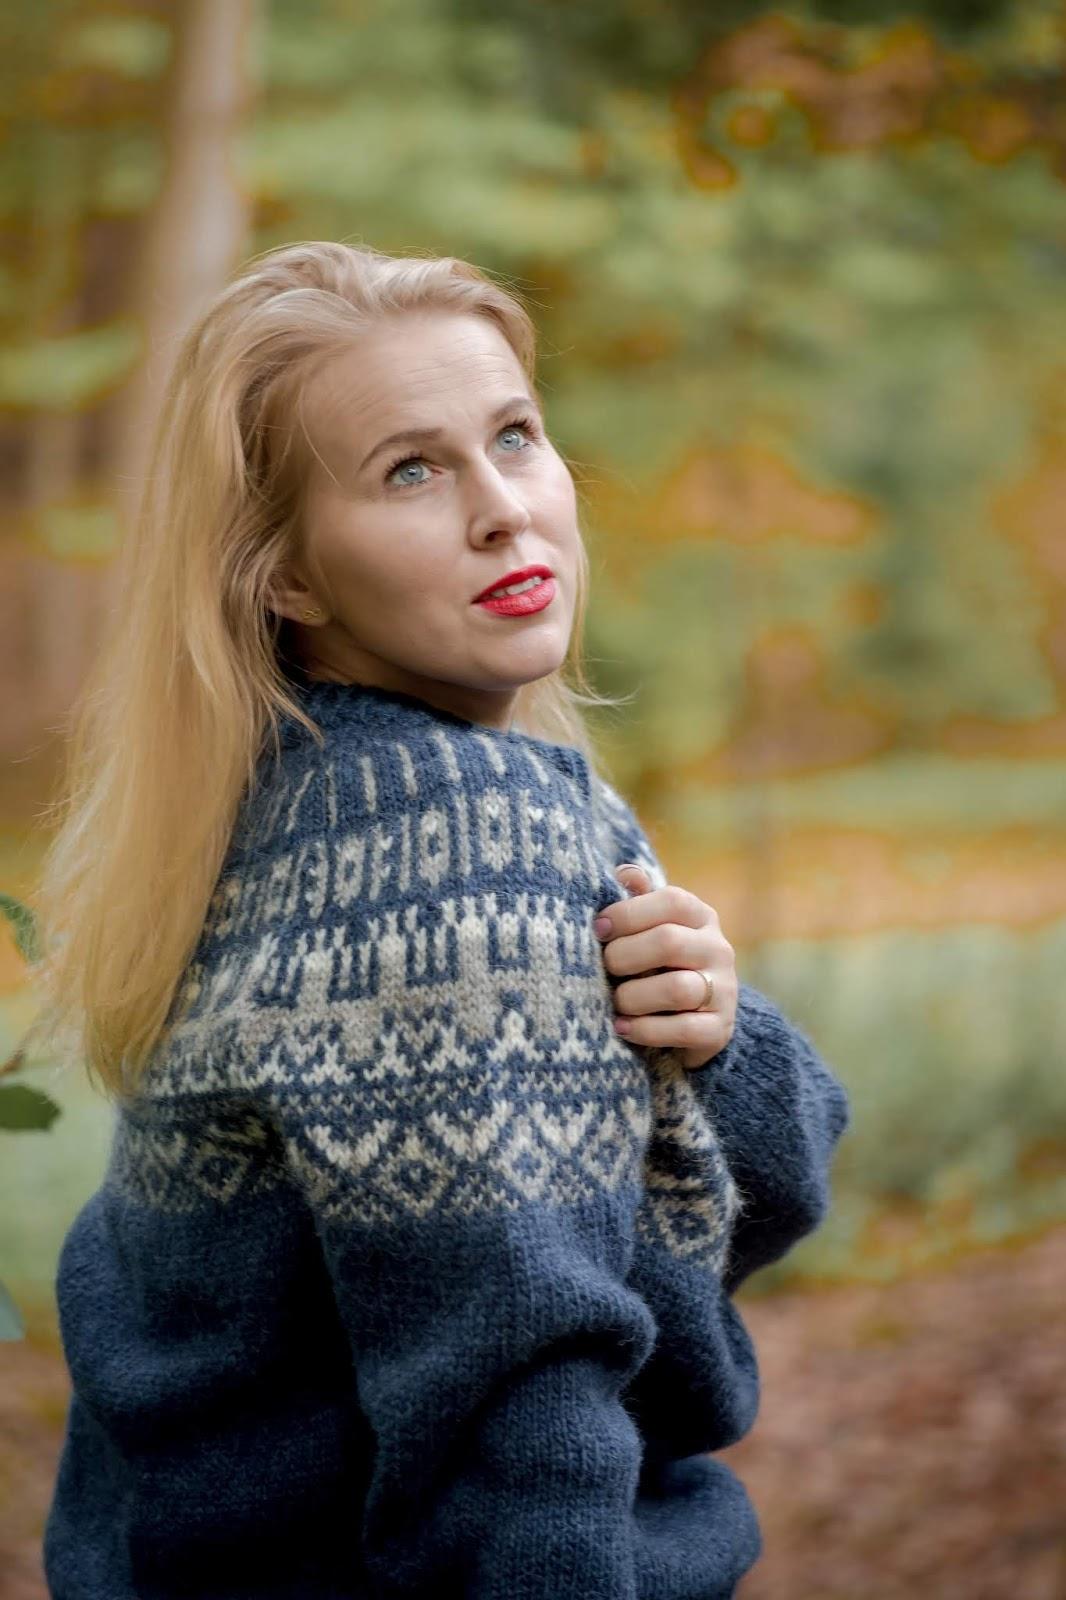 sweter skandynawskie wzory